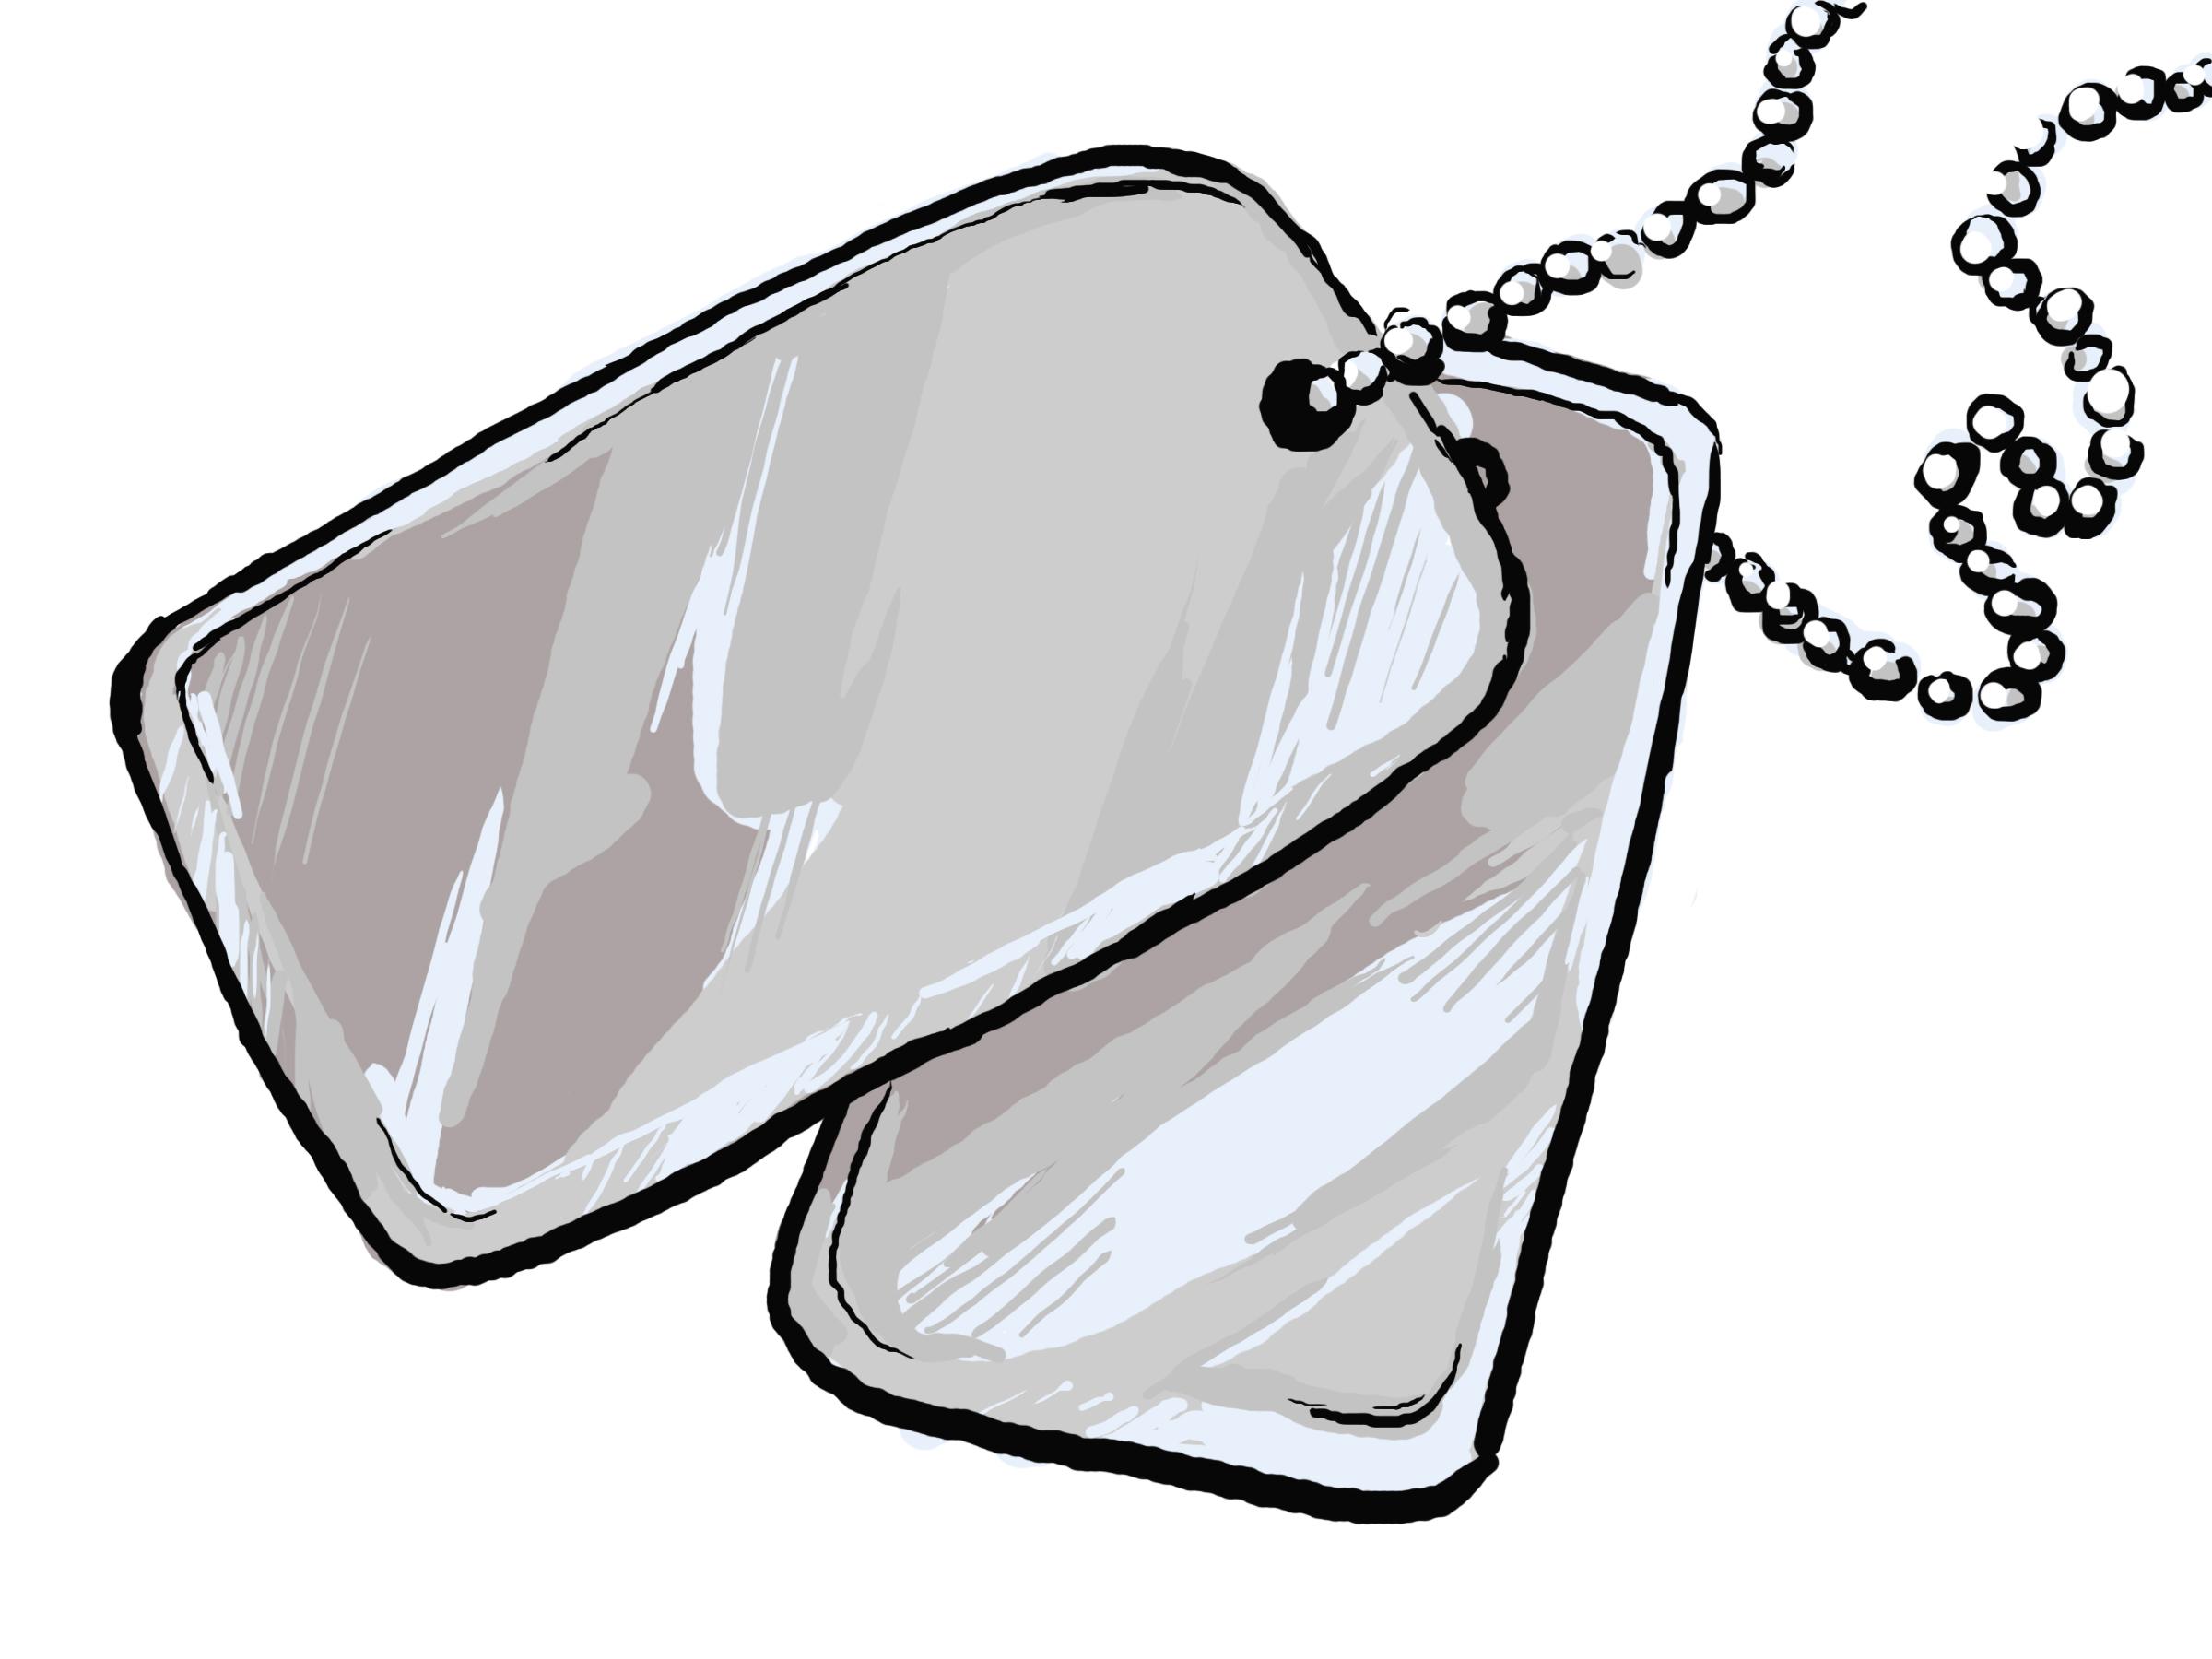 Clip Art Dog Tag Clip Art dog tag clipart best tags clip art tumundografico